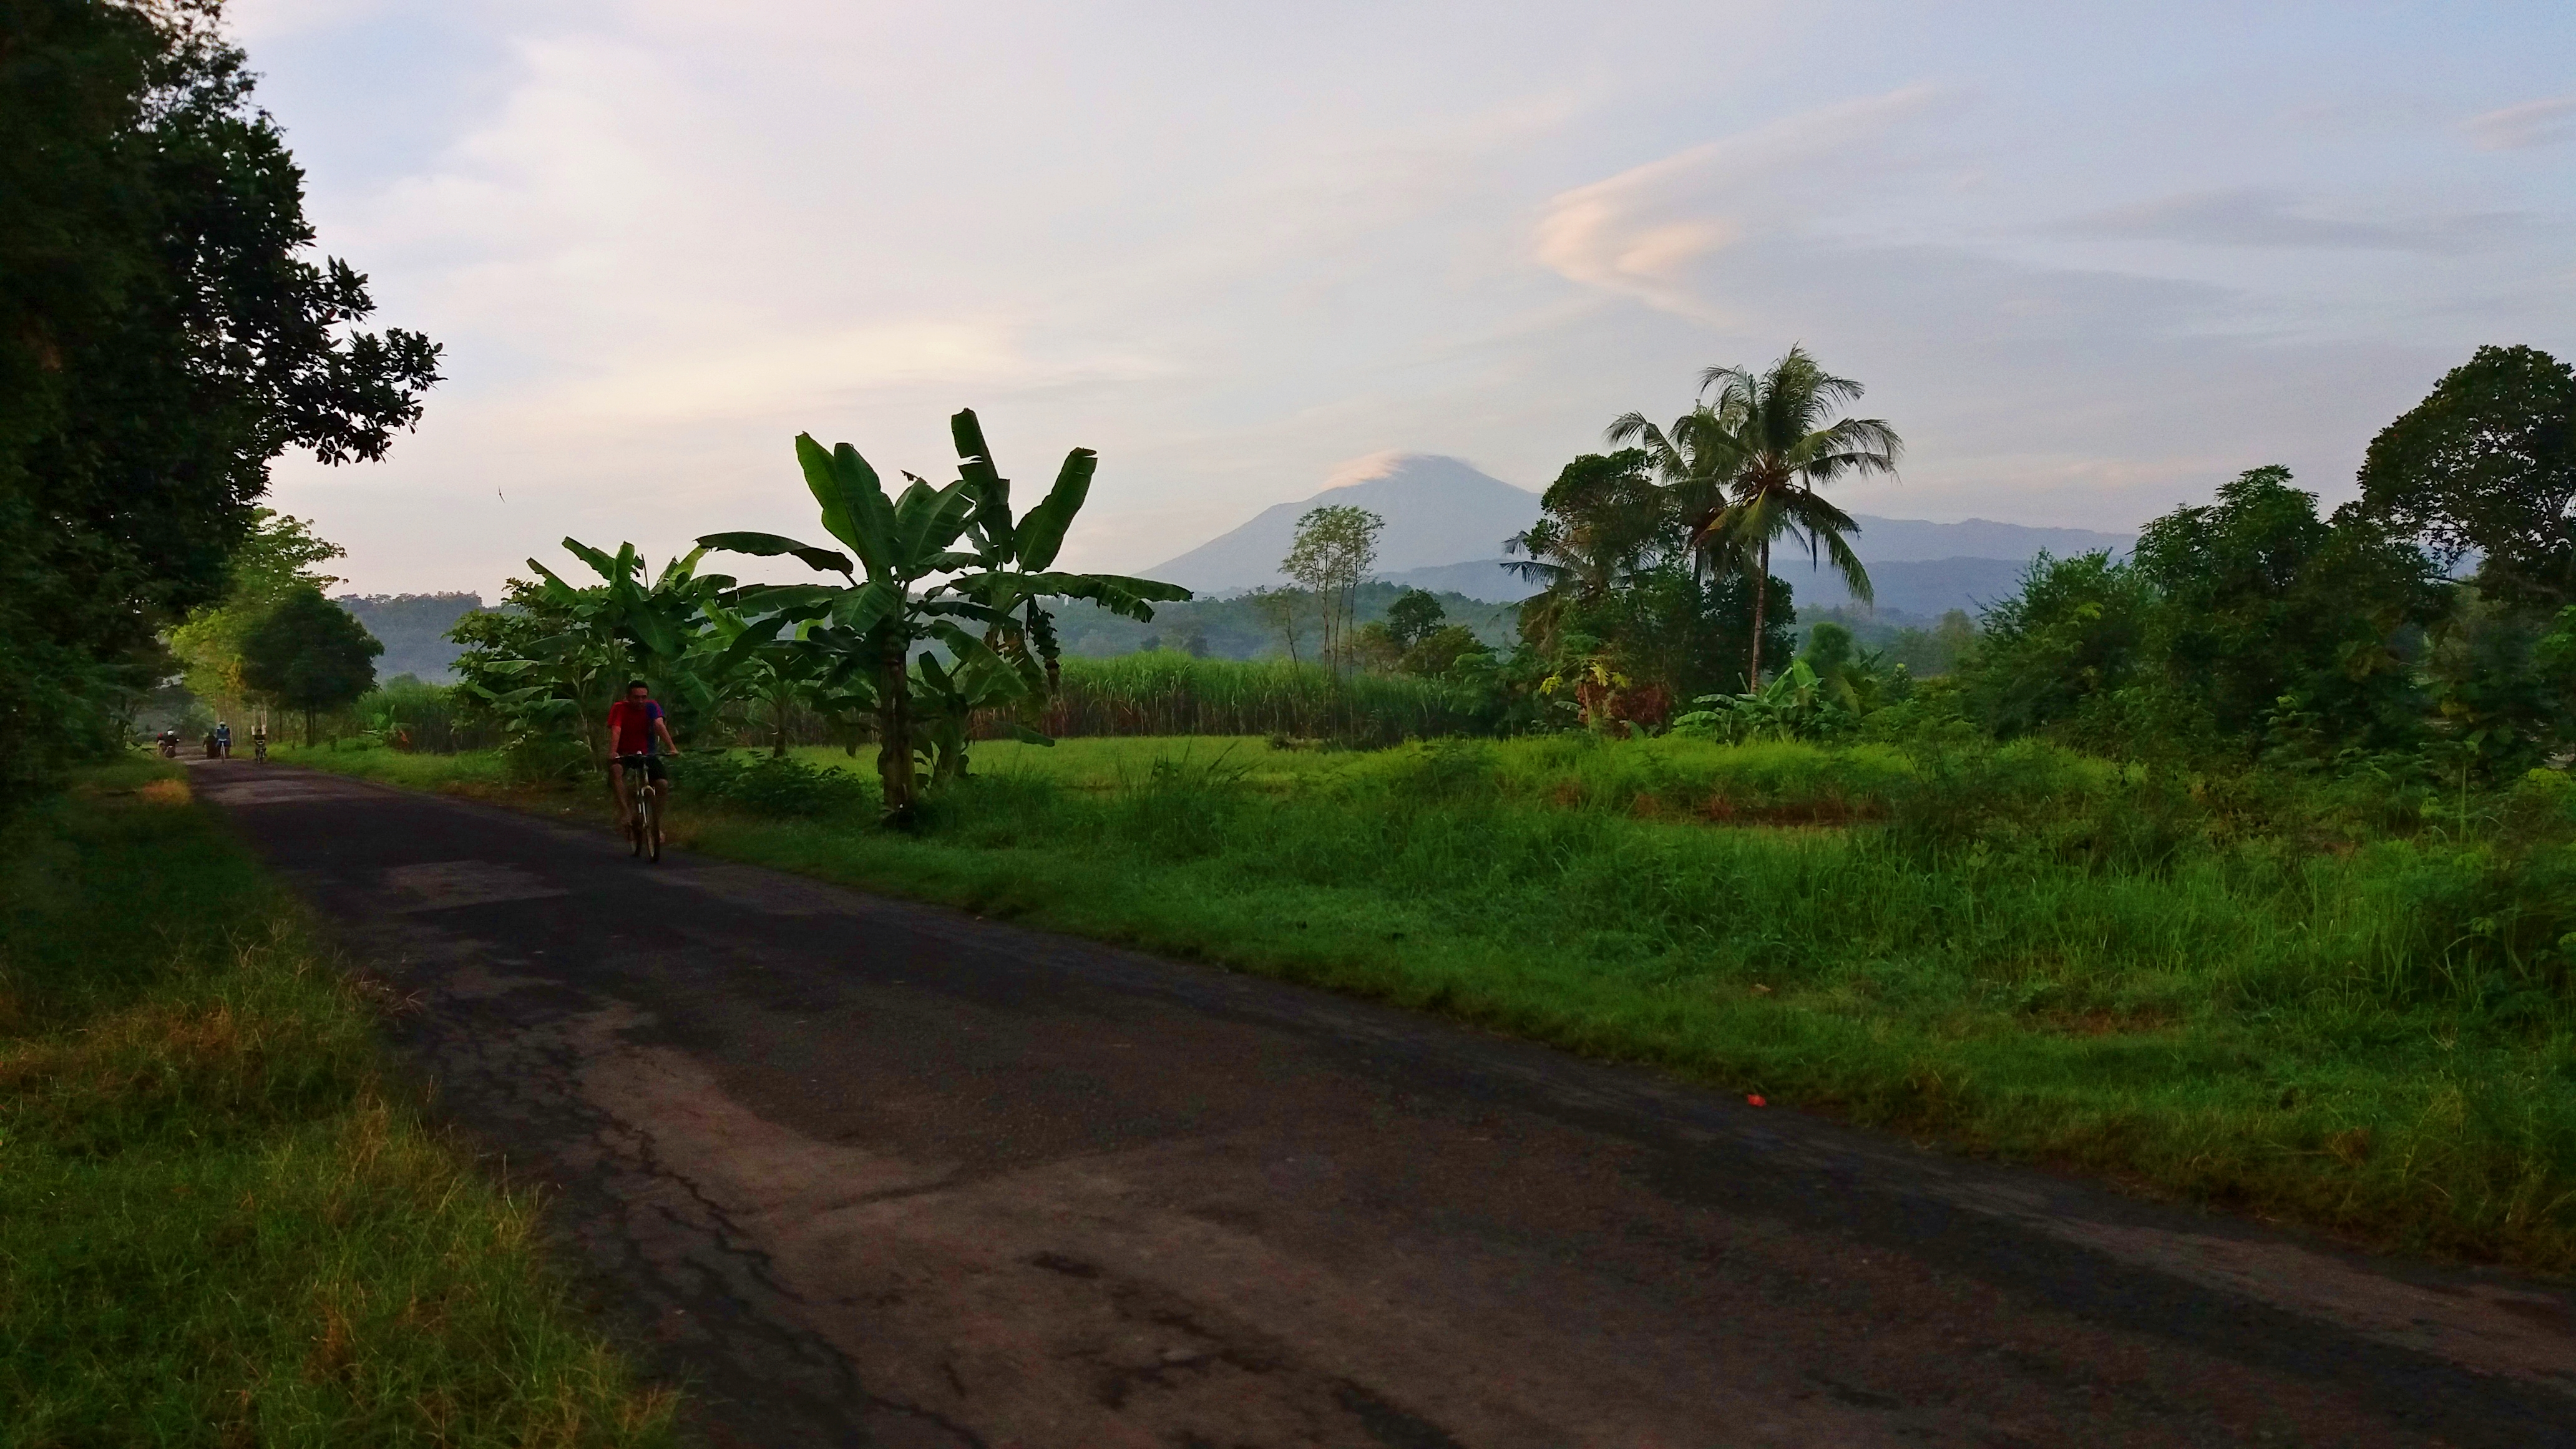 File:Jalan Raya Tonggara - Cacaban, Kedungbanteng, Kabupaten Tegal, Jawa Tengah, 20160515.jpg